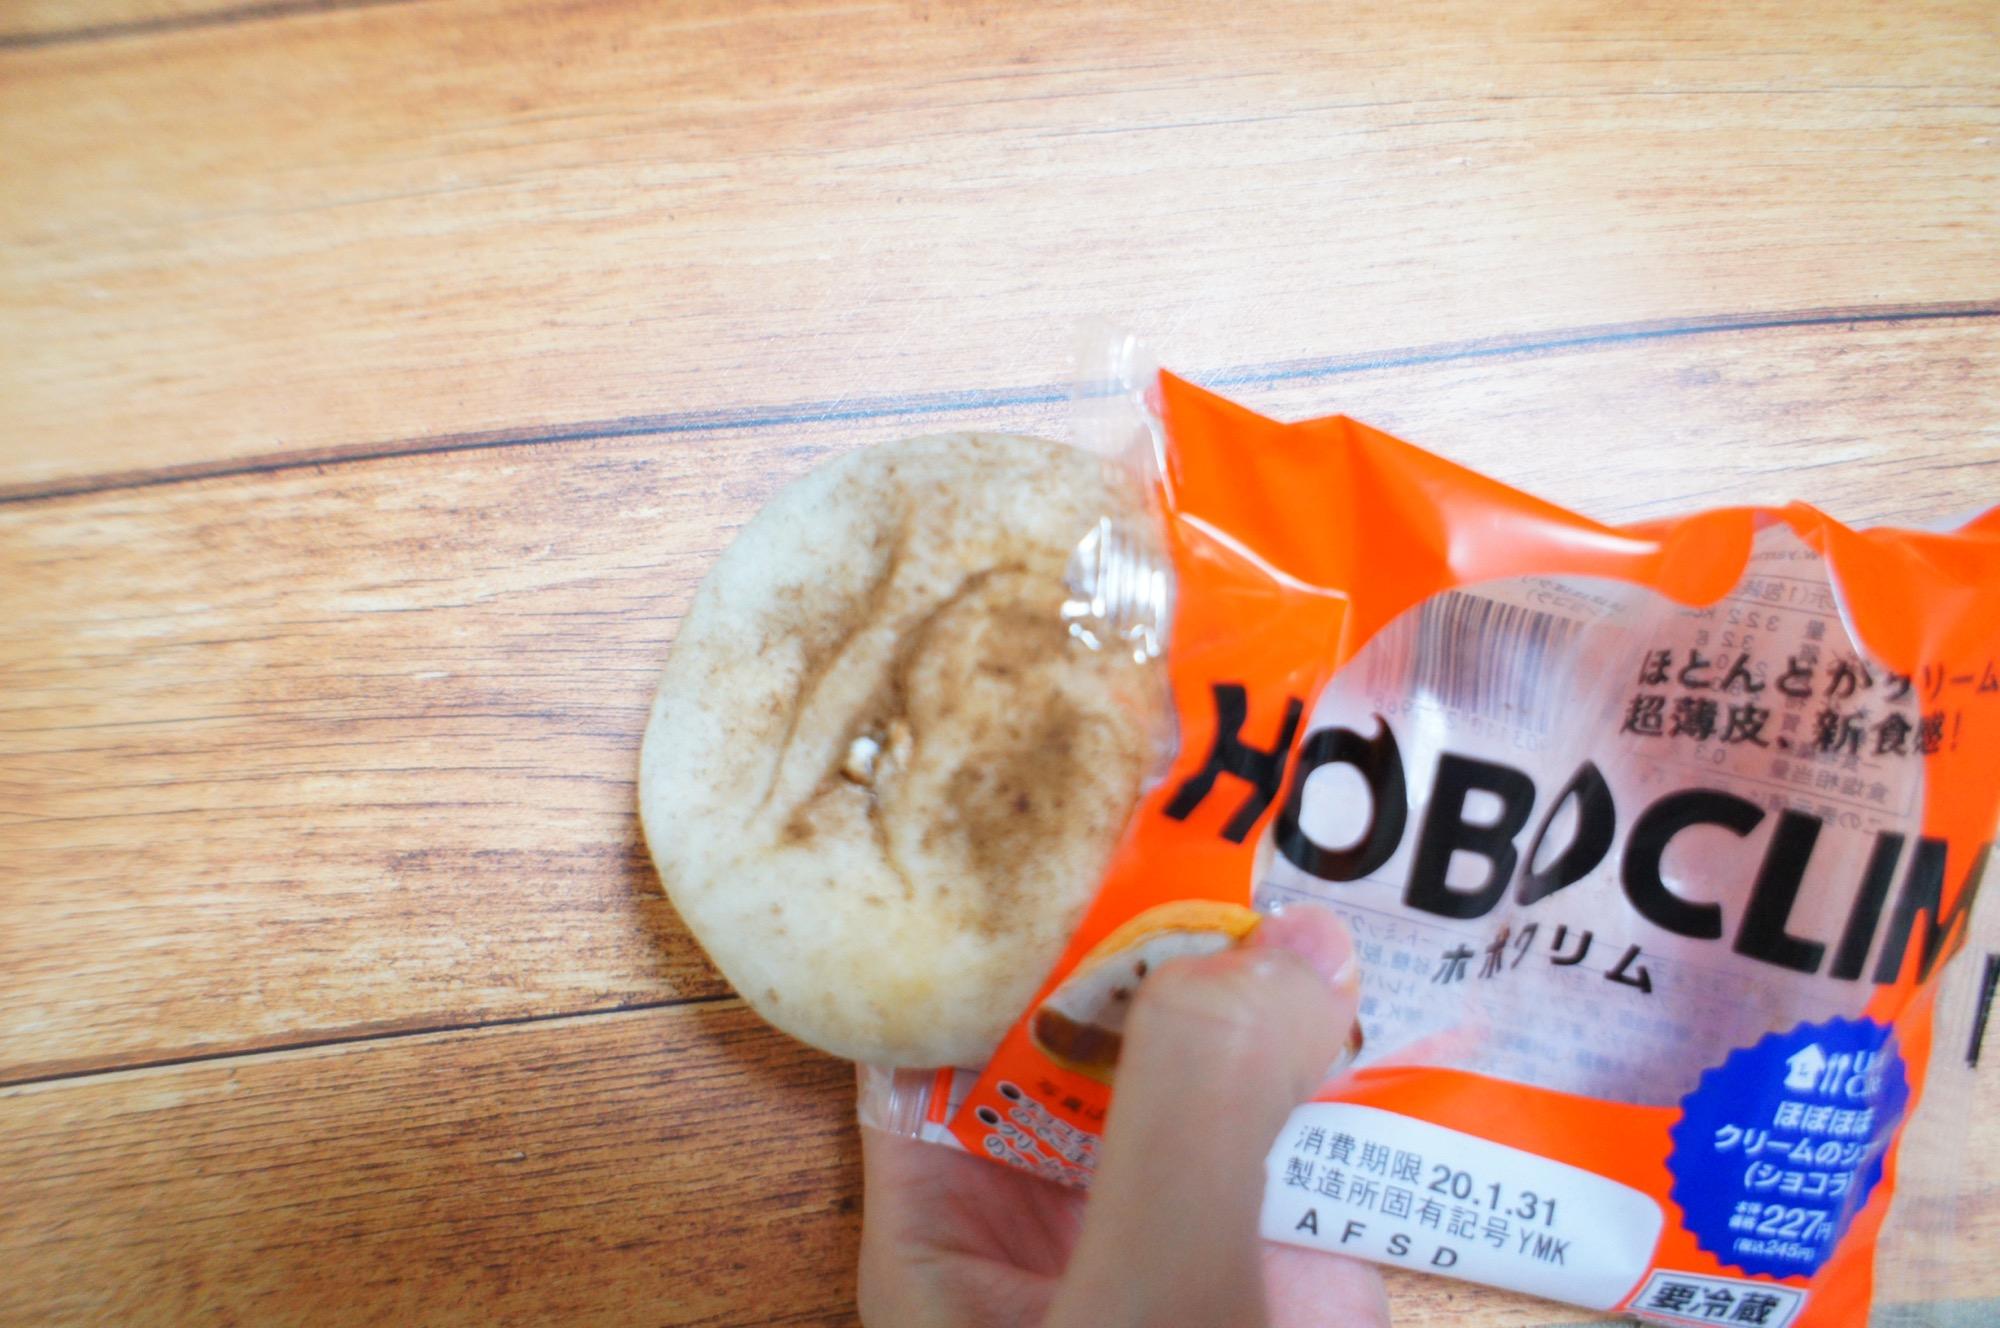 《あの大人気シリーズがショコラ味に変身❤️》【ローソン】HOBOCLIM(ホボクリム)を食べてみました☻_2